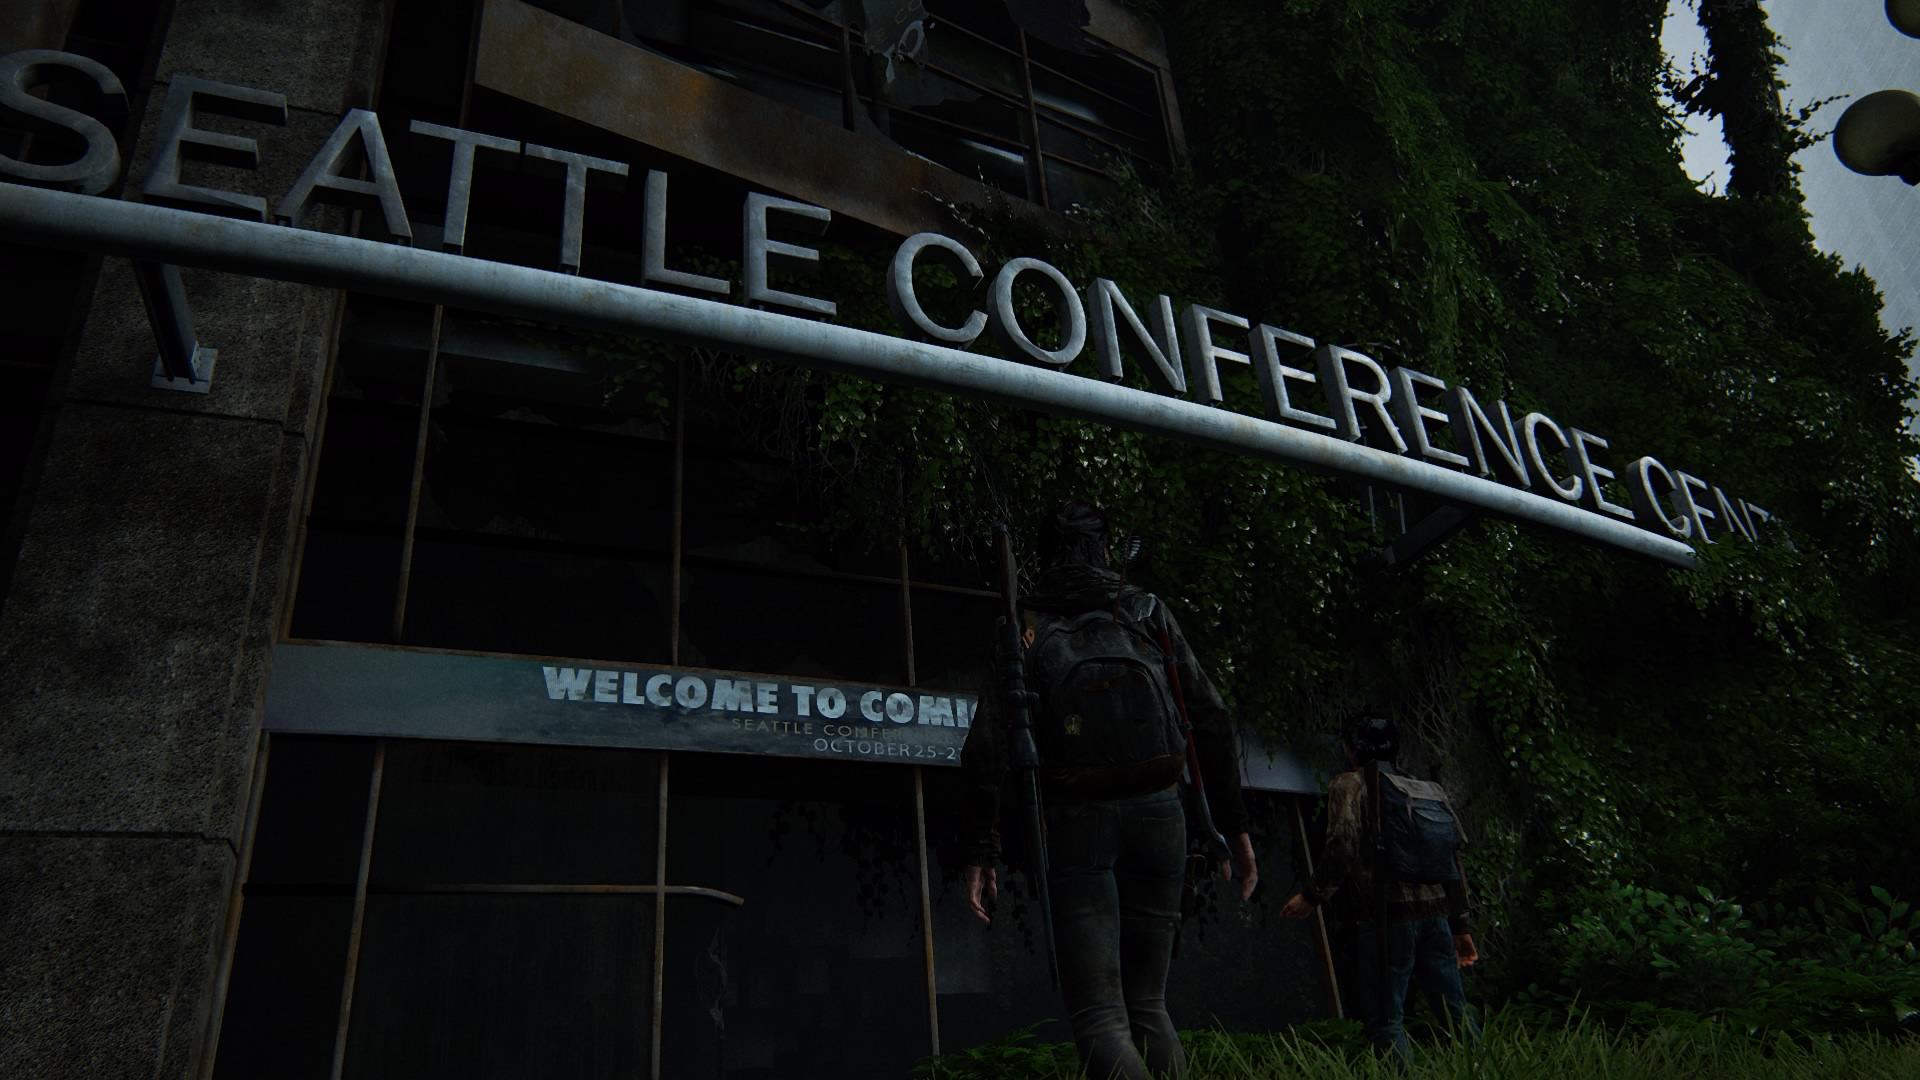 ... Wo Sie Mitunter Das Seattle Conference Center Durchqueren Müssen.